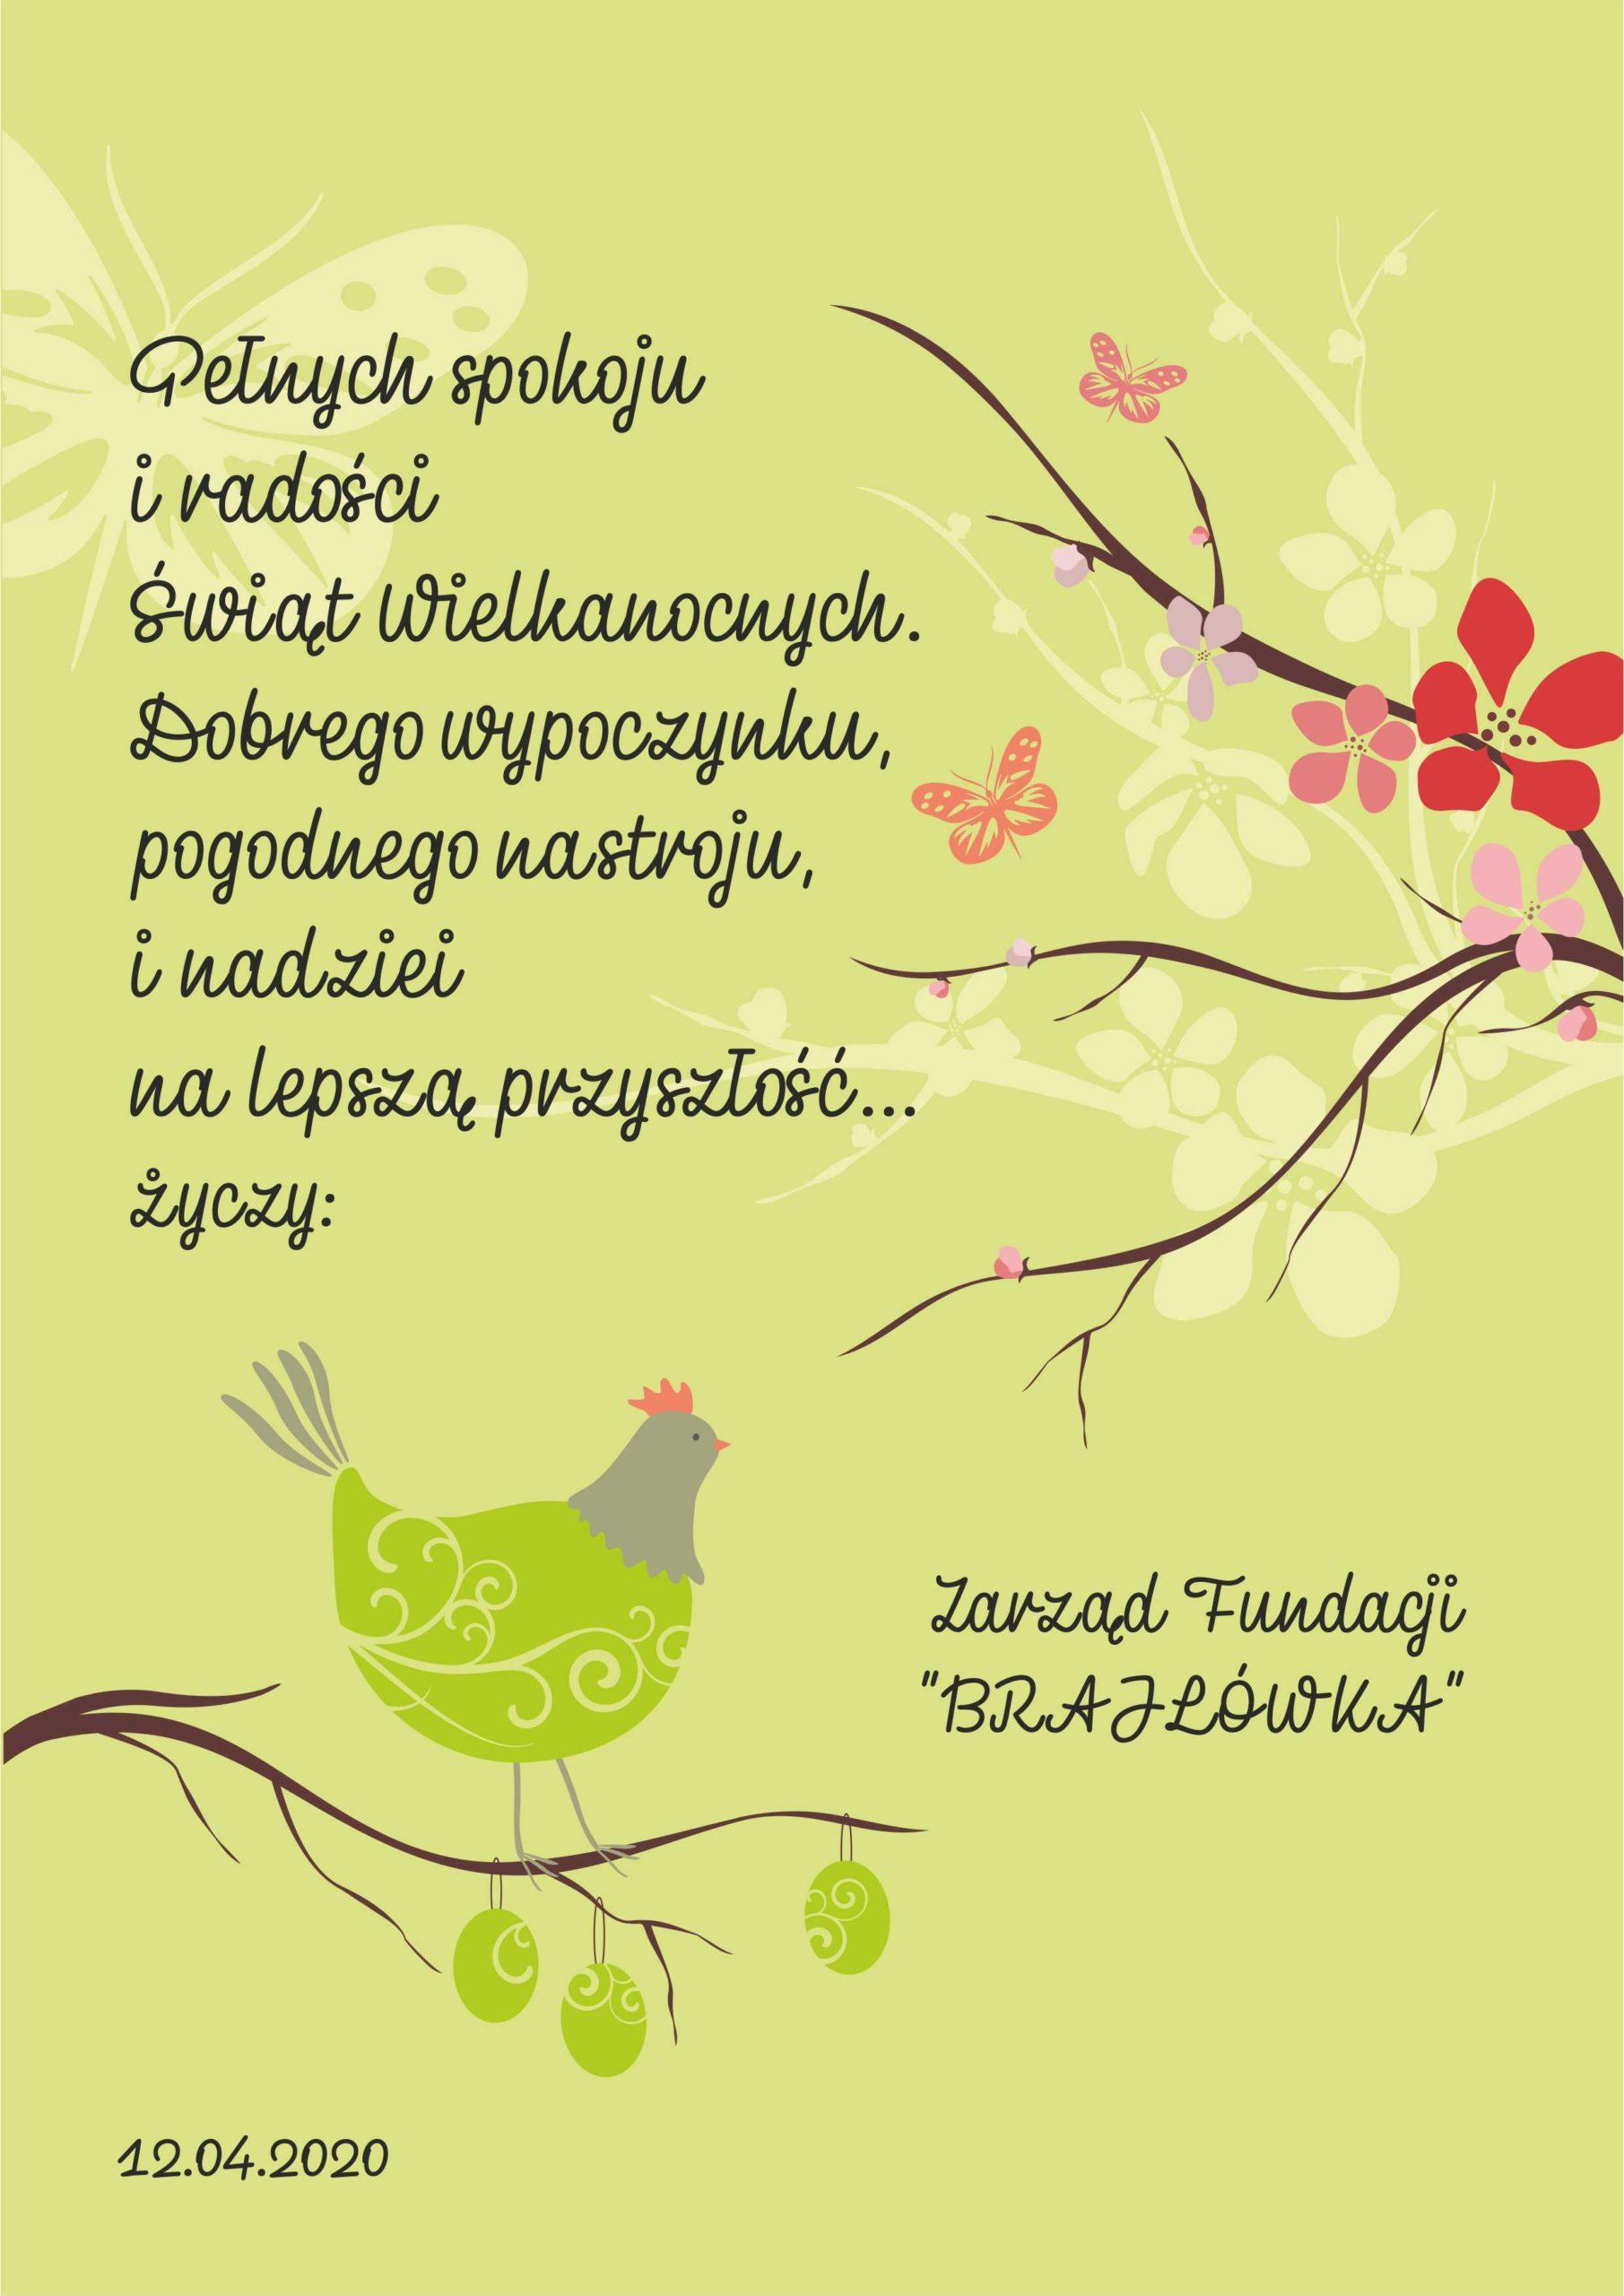 """Pełnych spokoju iradości Świąt Wielkanocnych. Dobrego wypoczynku, pogodnego nastroju inadziei nalepszą przyszłość... życzy Zarząd Fundacji """"Brajlówka"""""""